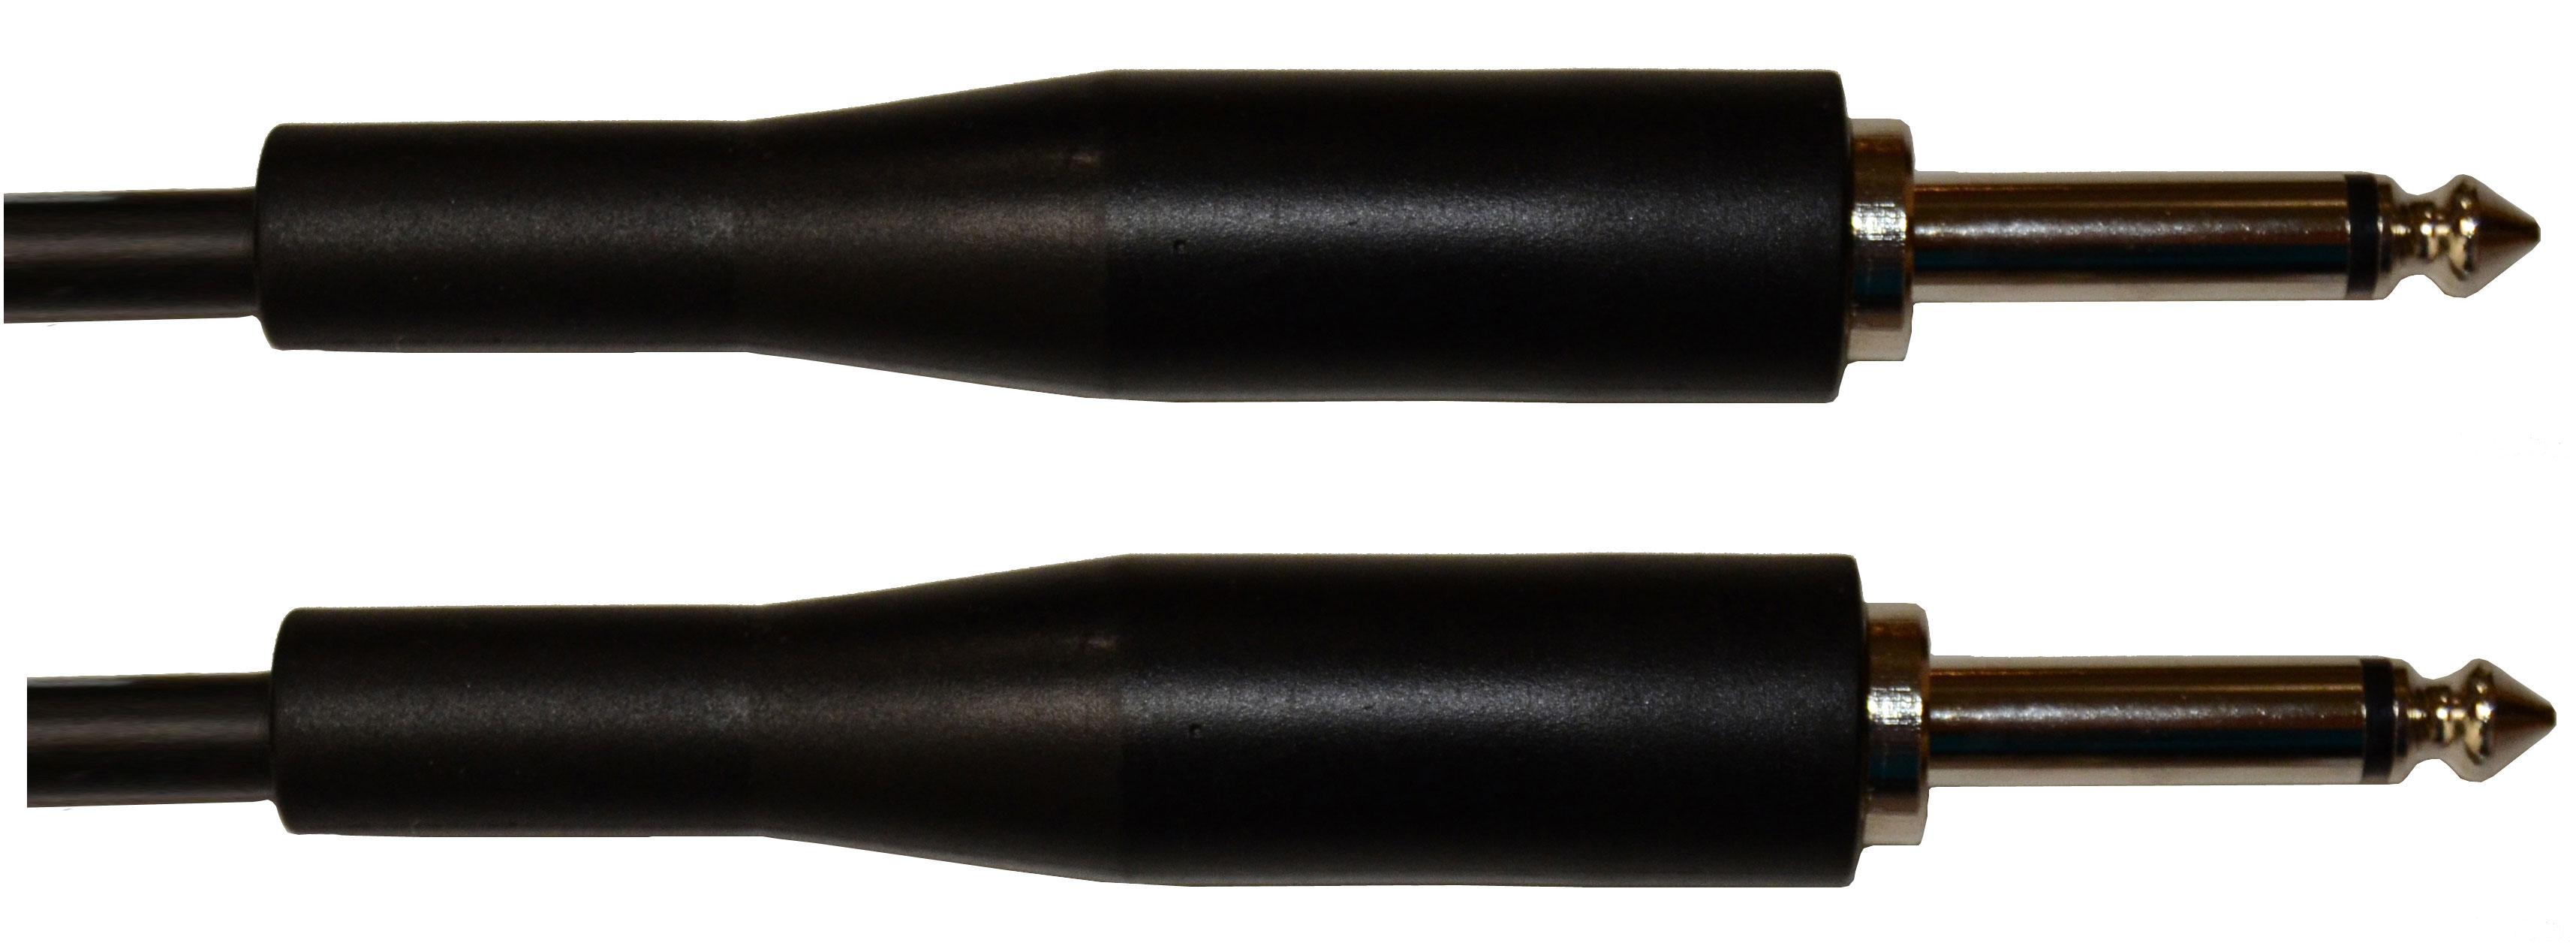 OQAN QABL JG-06-JG